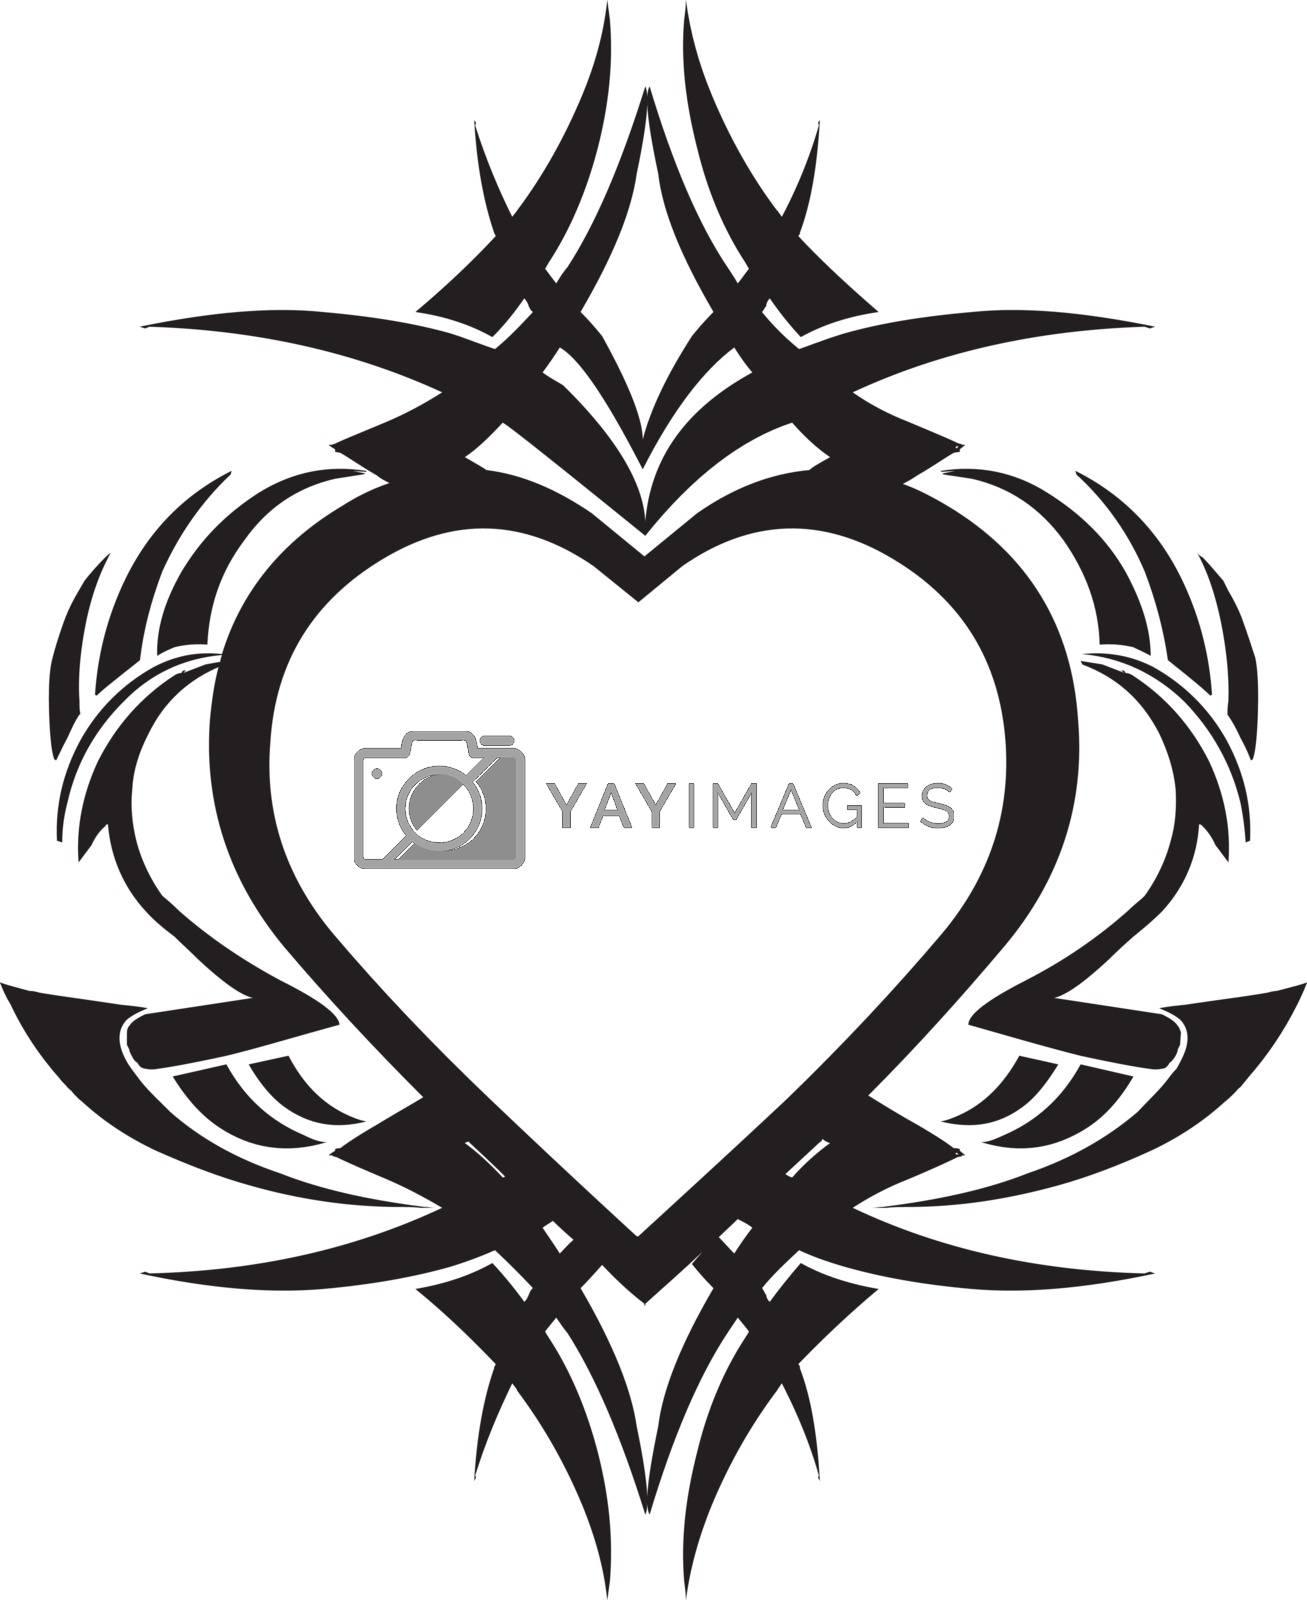 Tattoo design of heart shape, vintage engraved illustration.